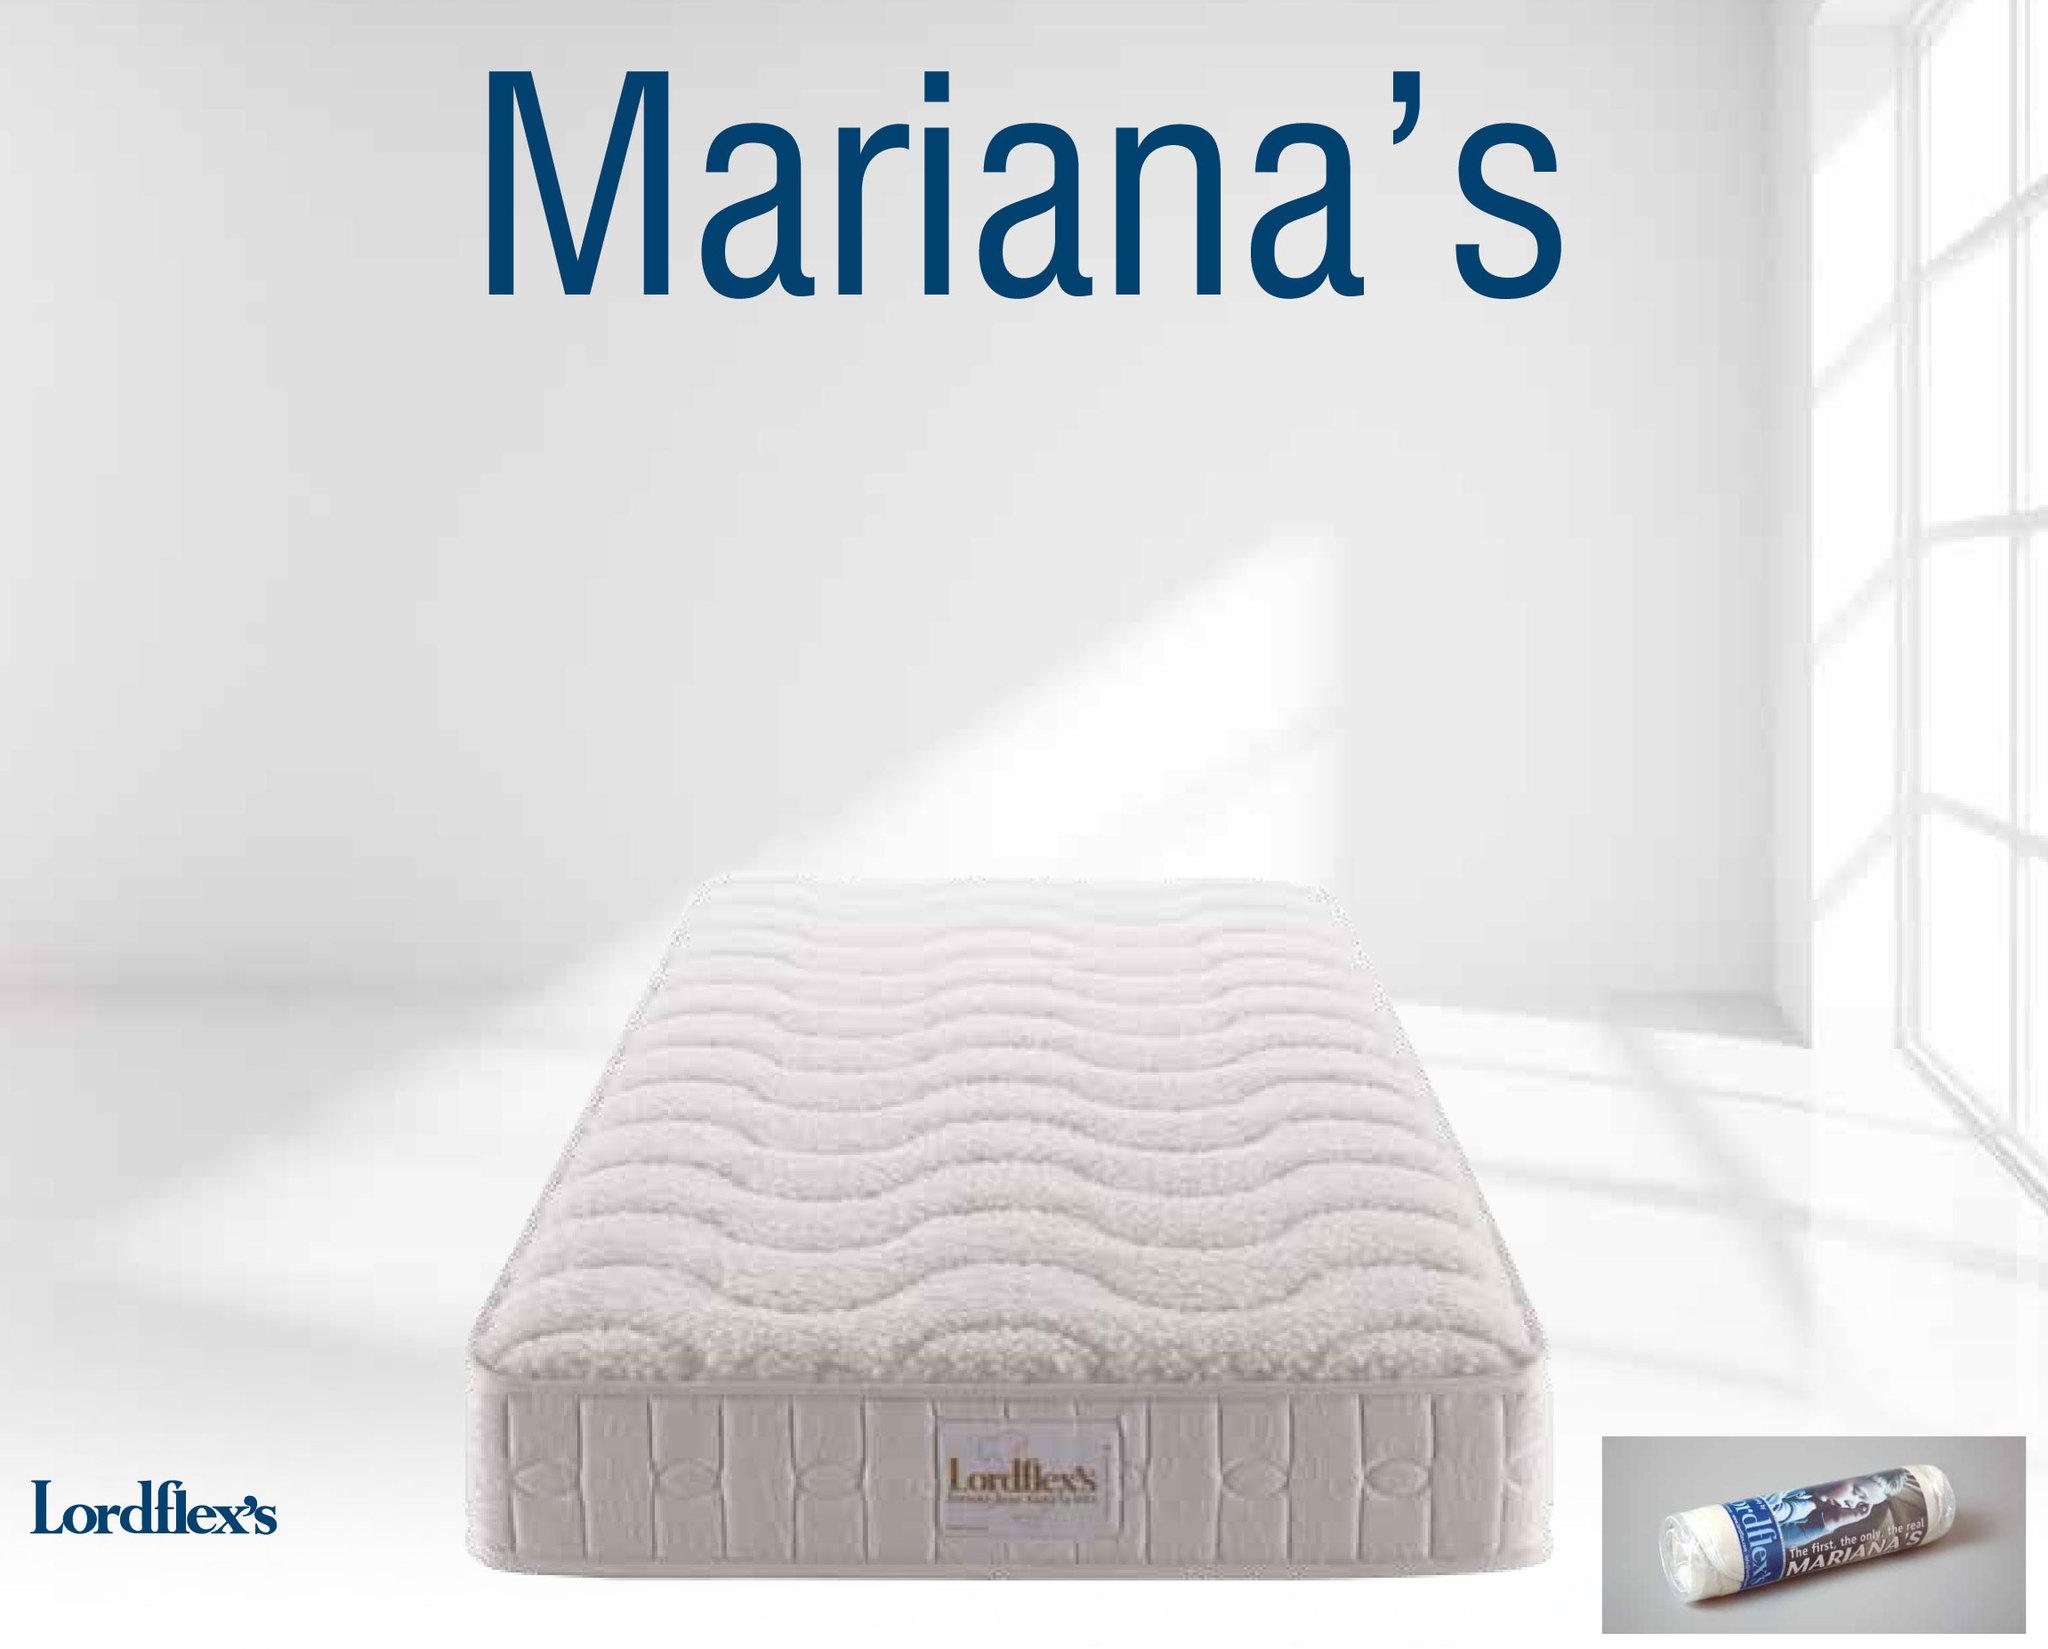 Матрасы Матрас ортопедический Lordflex's Mariana's 80х200 до 140 кг в вакуумной упаковке 1_Mariana_s.jpg